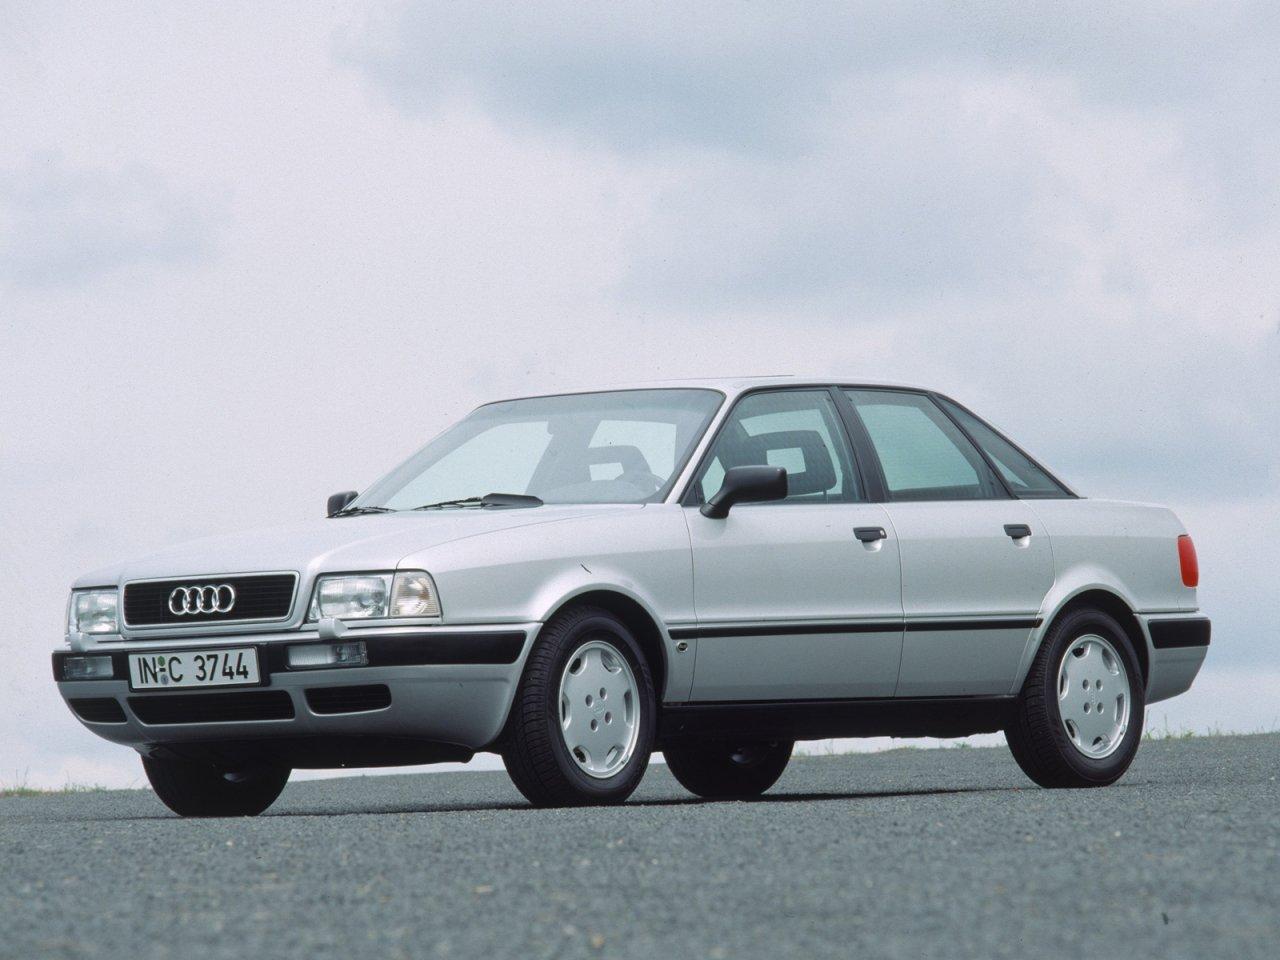 Kekurangan Audi A80 Perbandingan Harga